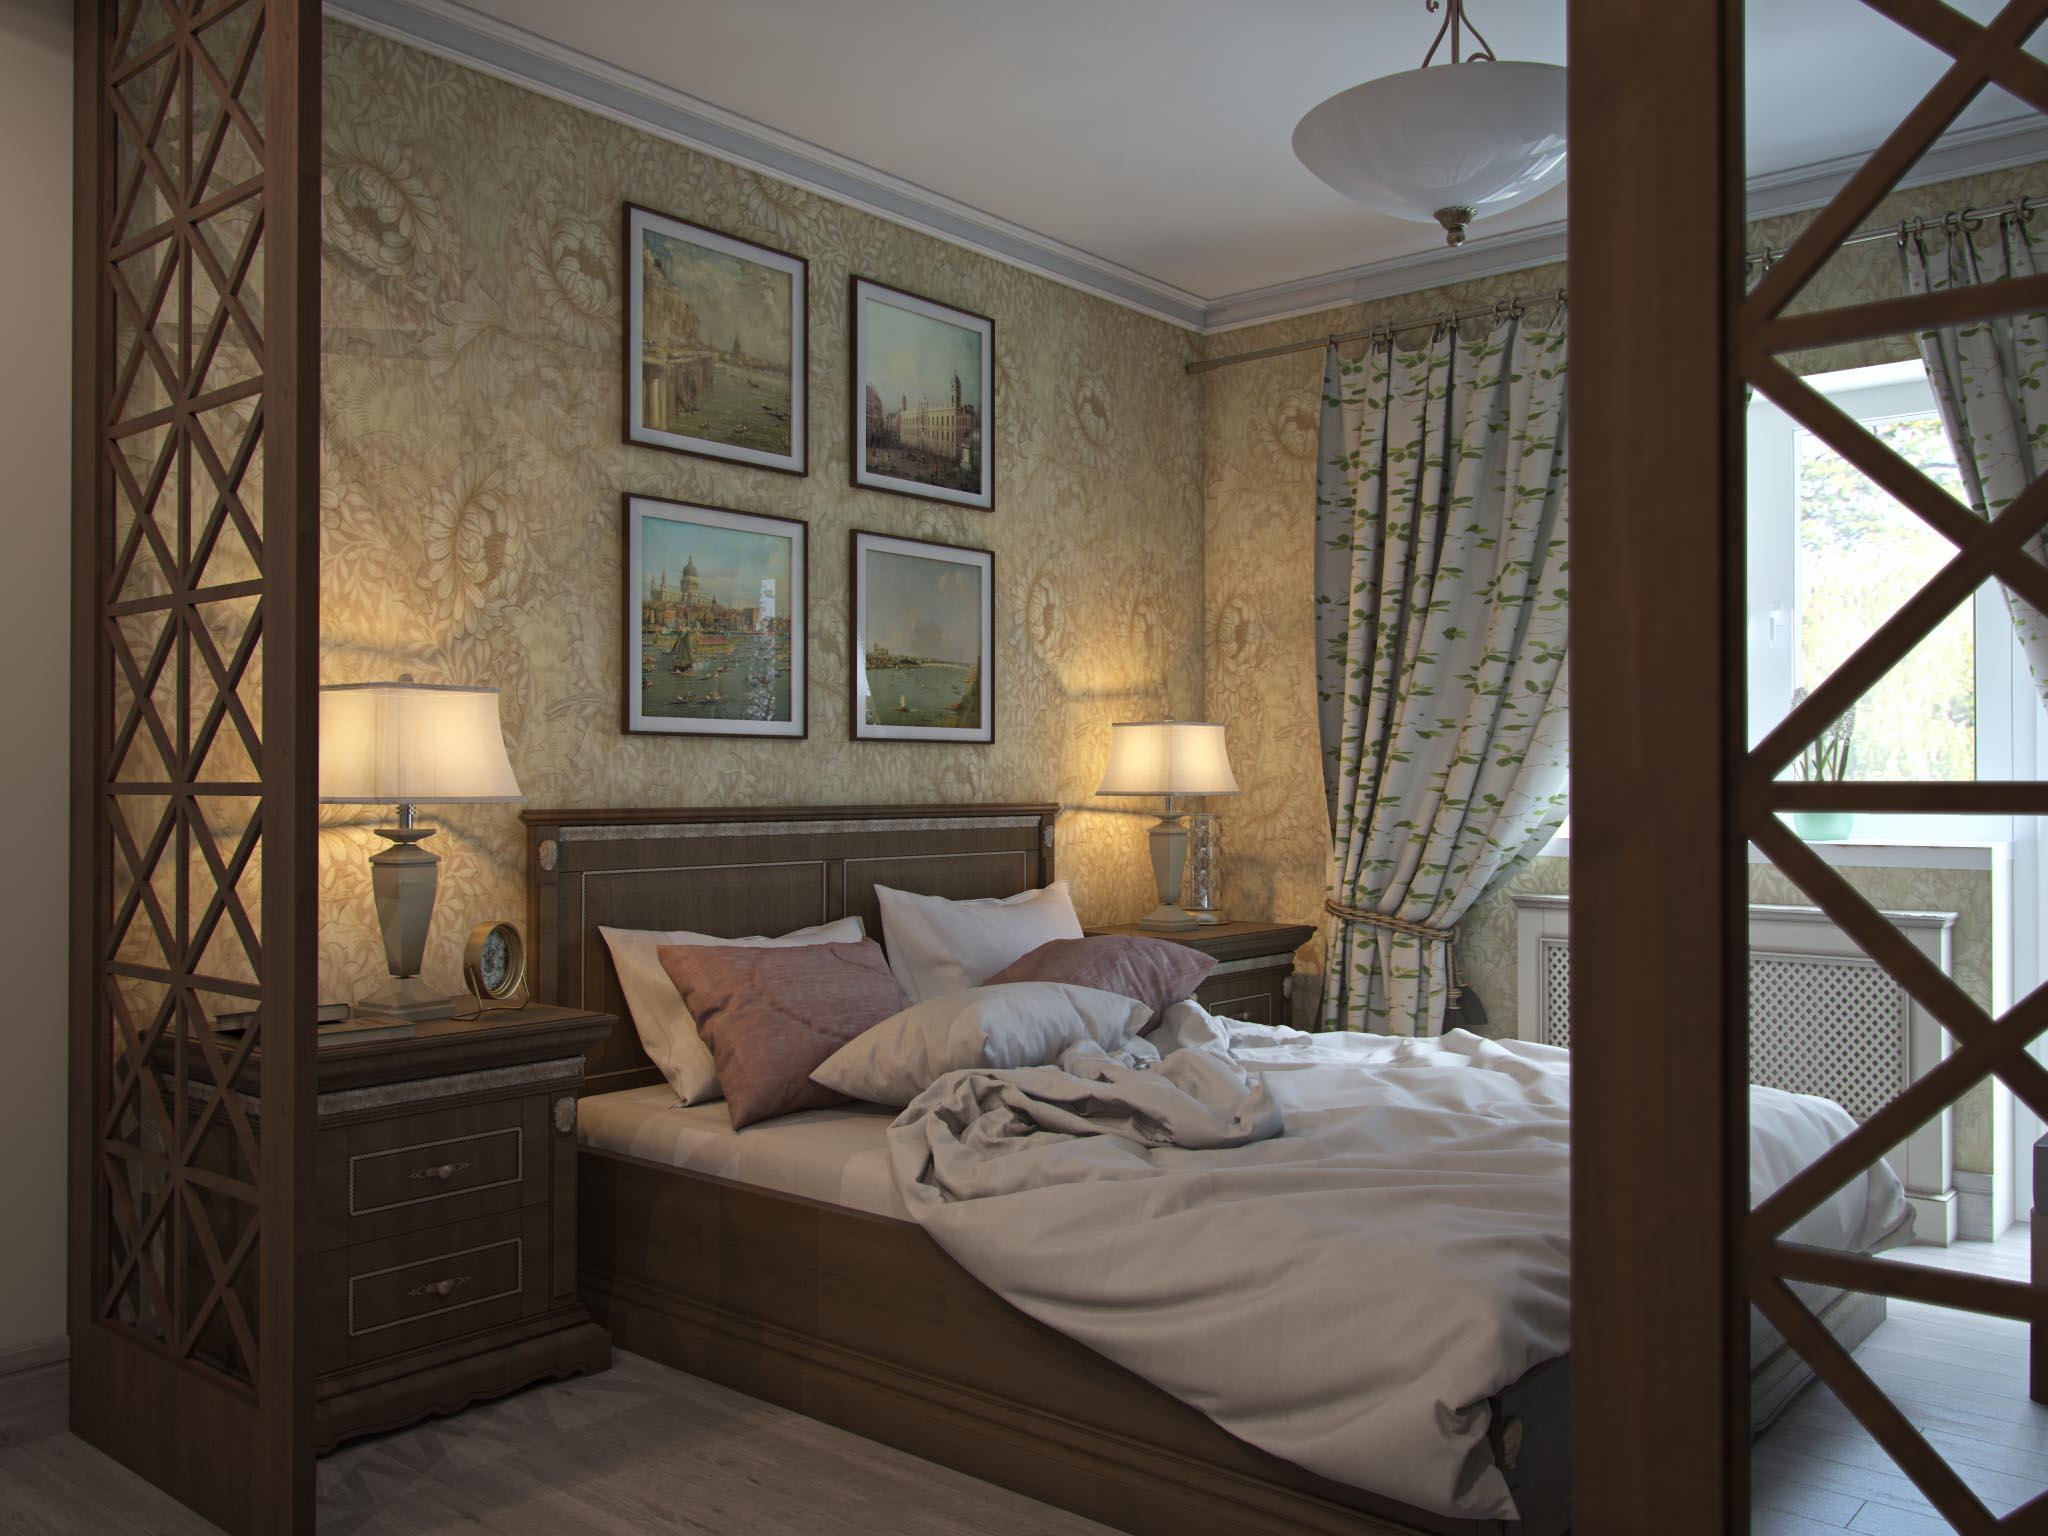 дизайн спальни в панельном доме фото картинки и фотографии дизайна